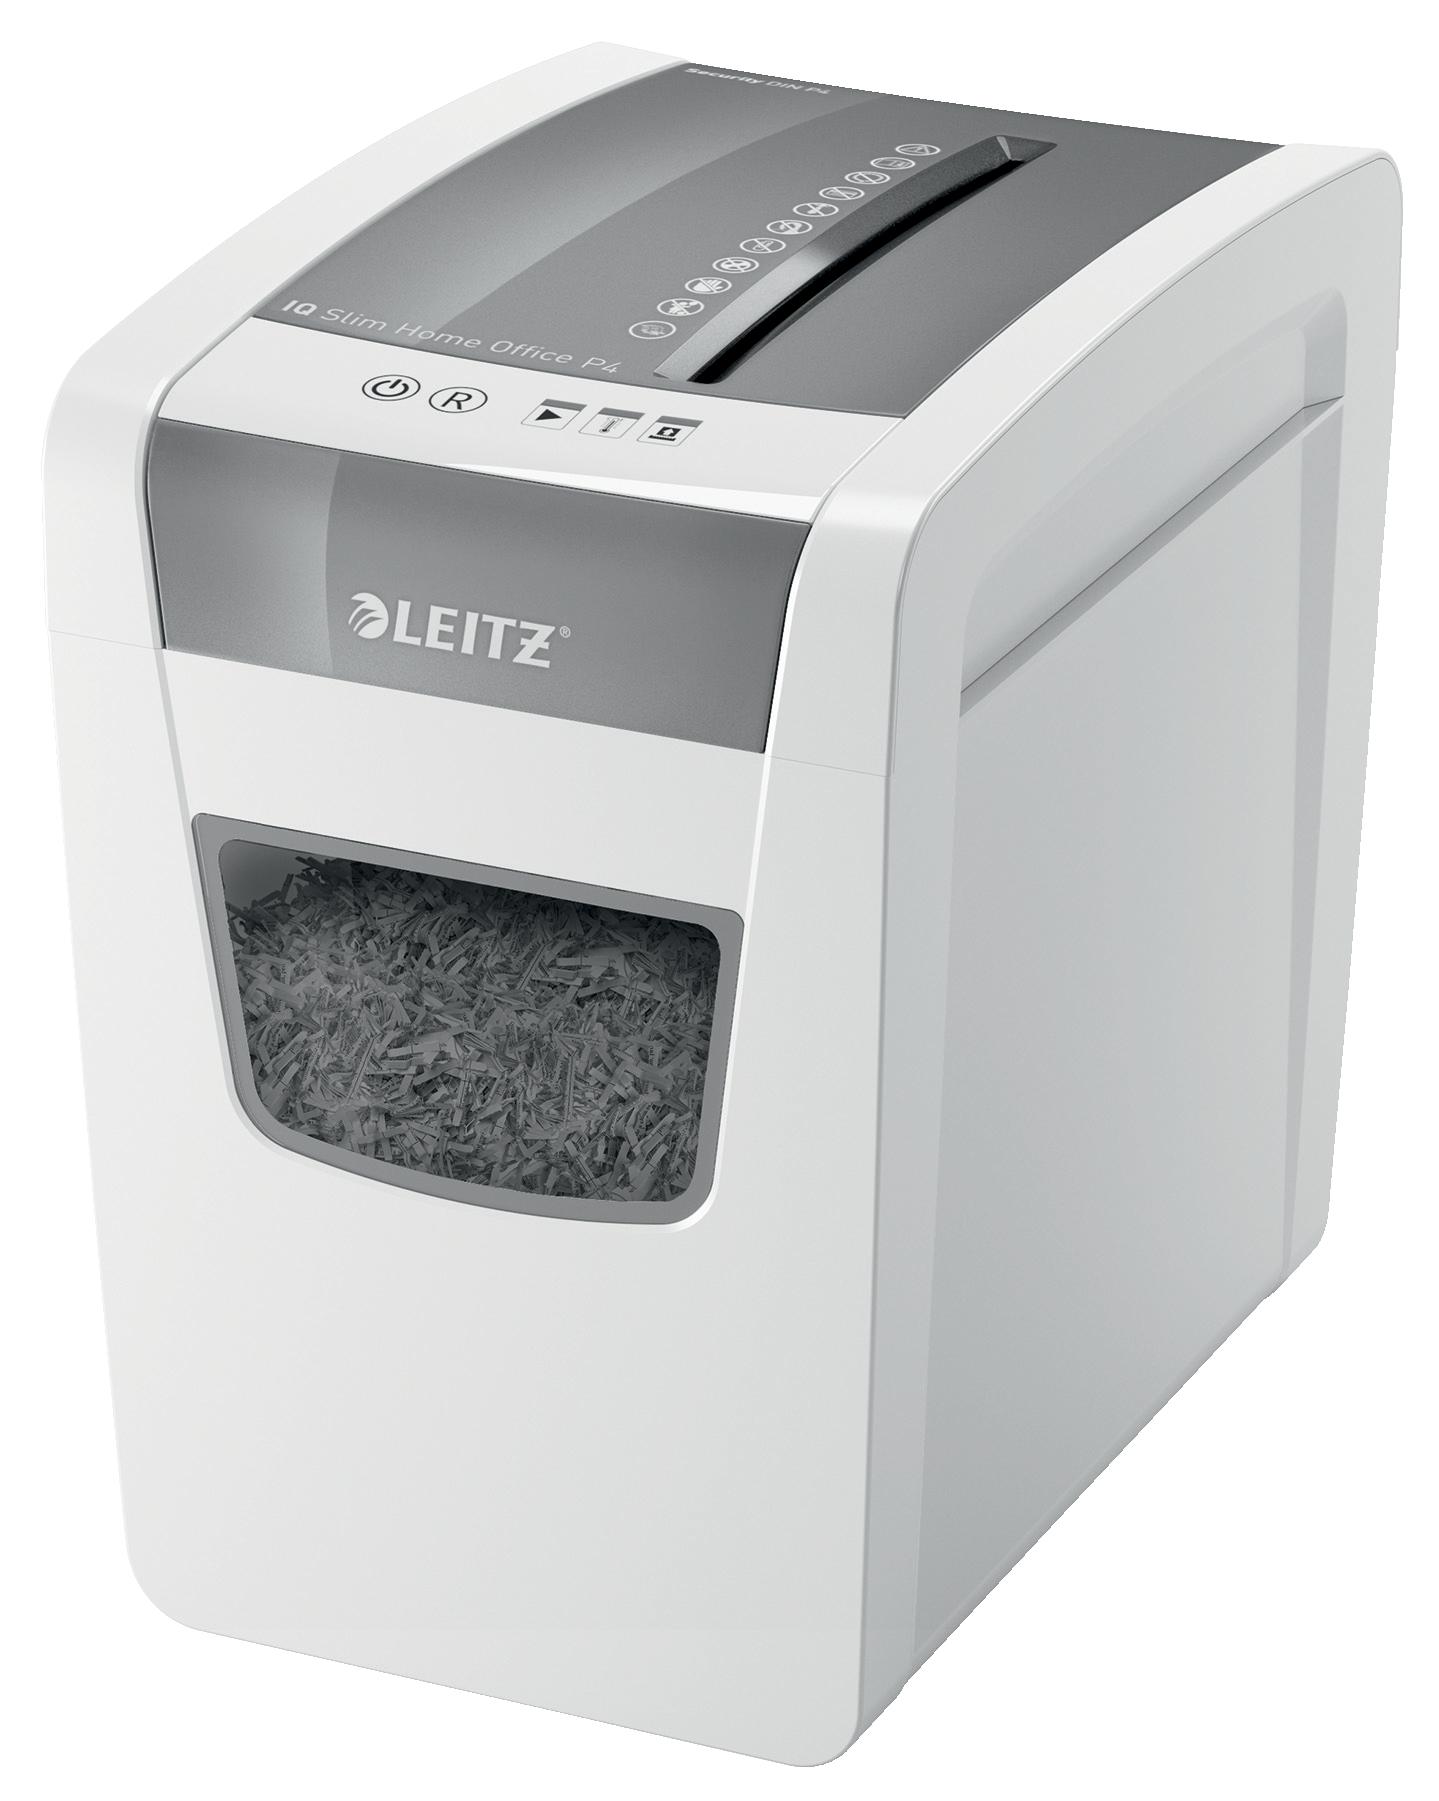 Leitz IQ Home Office Shredder DS